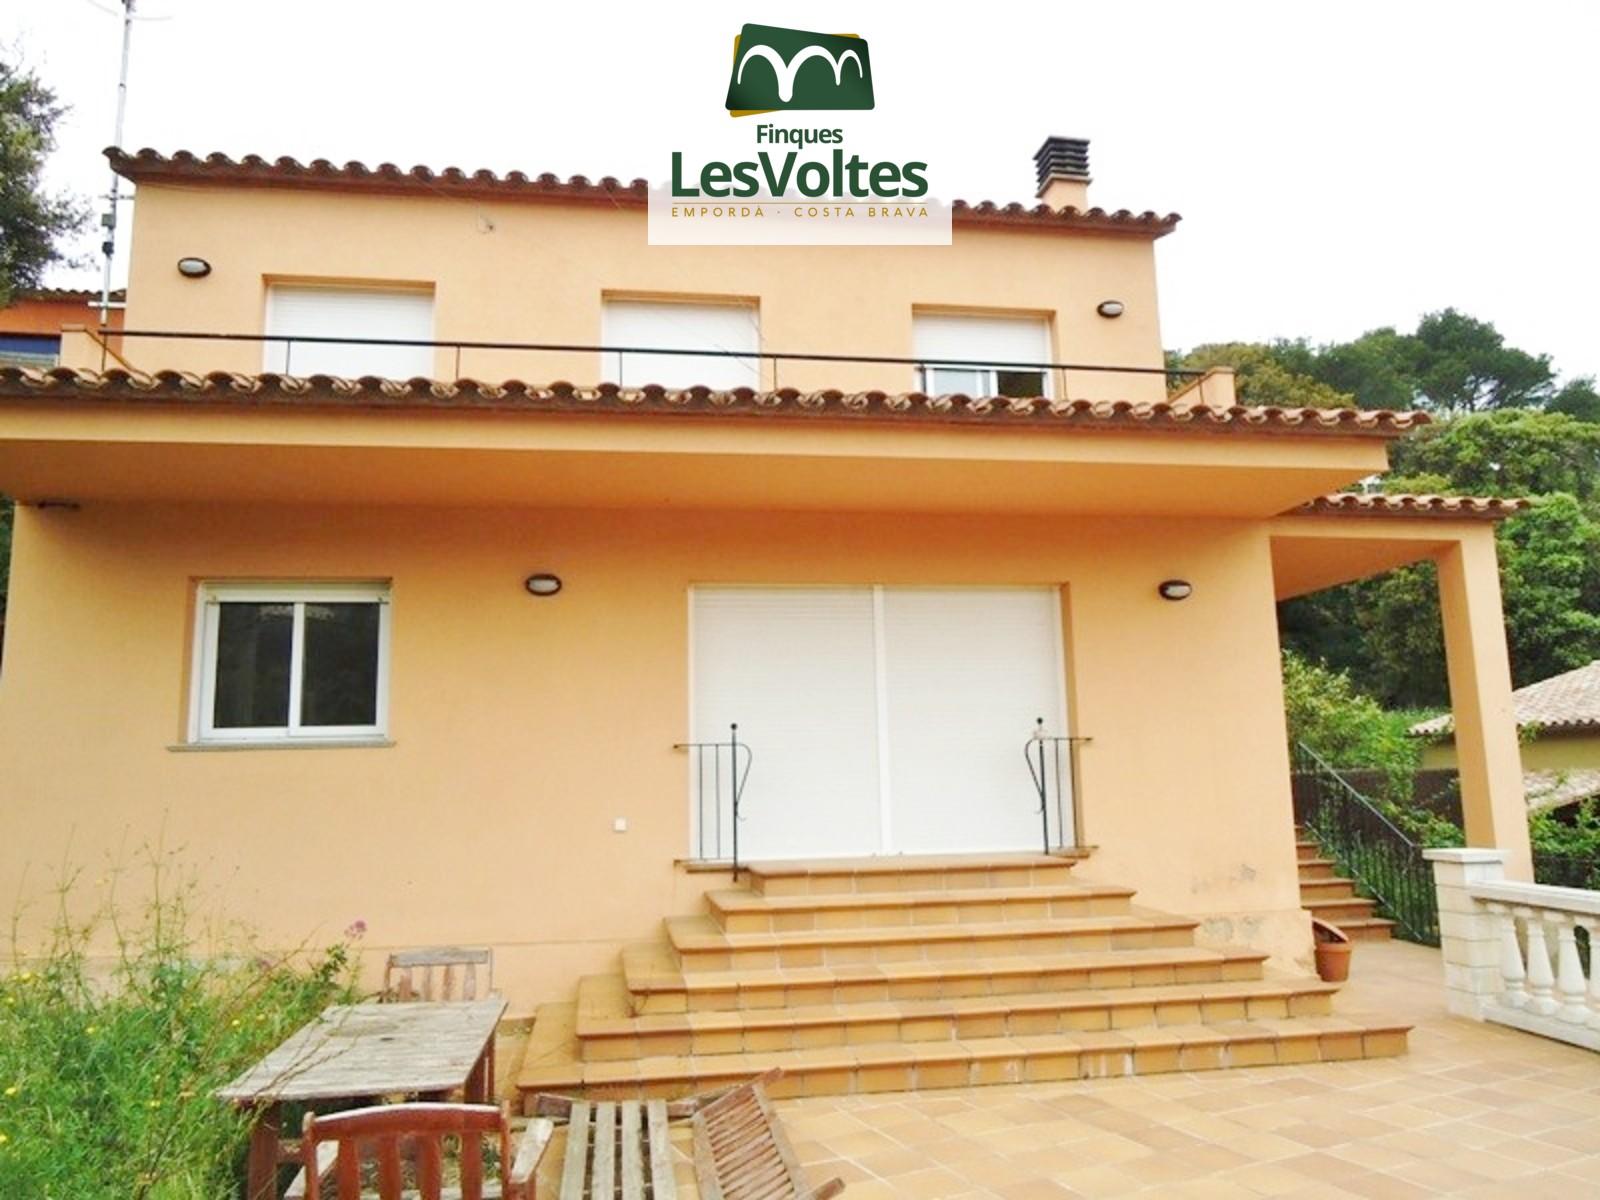 Casa unifamiliar en venda a Begur amb vistes. Zona tranquil.la i ben comunicada.